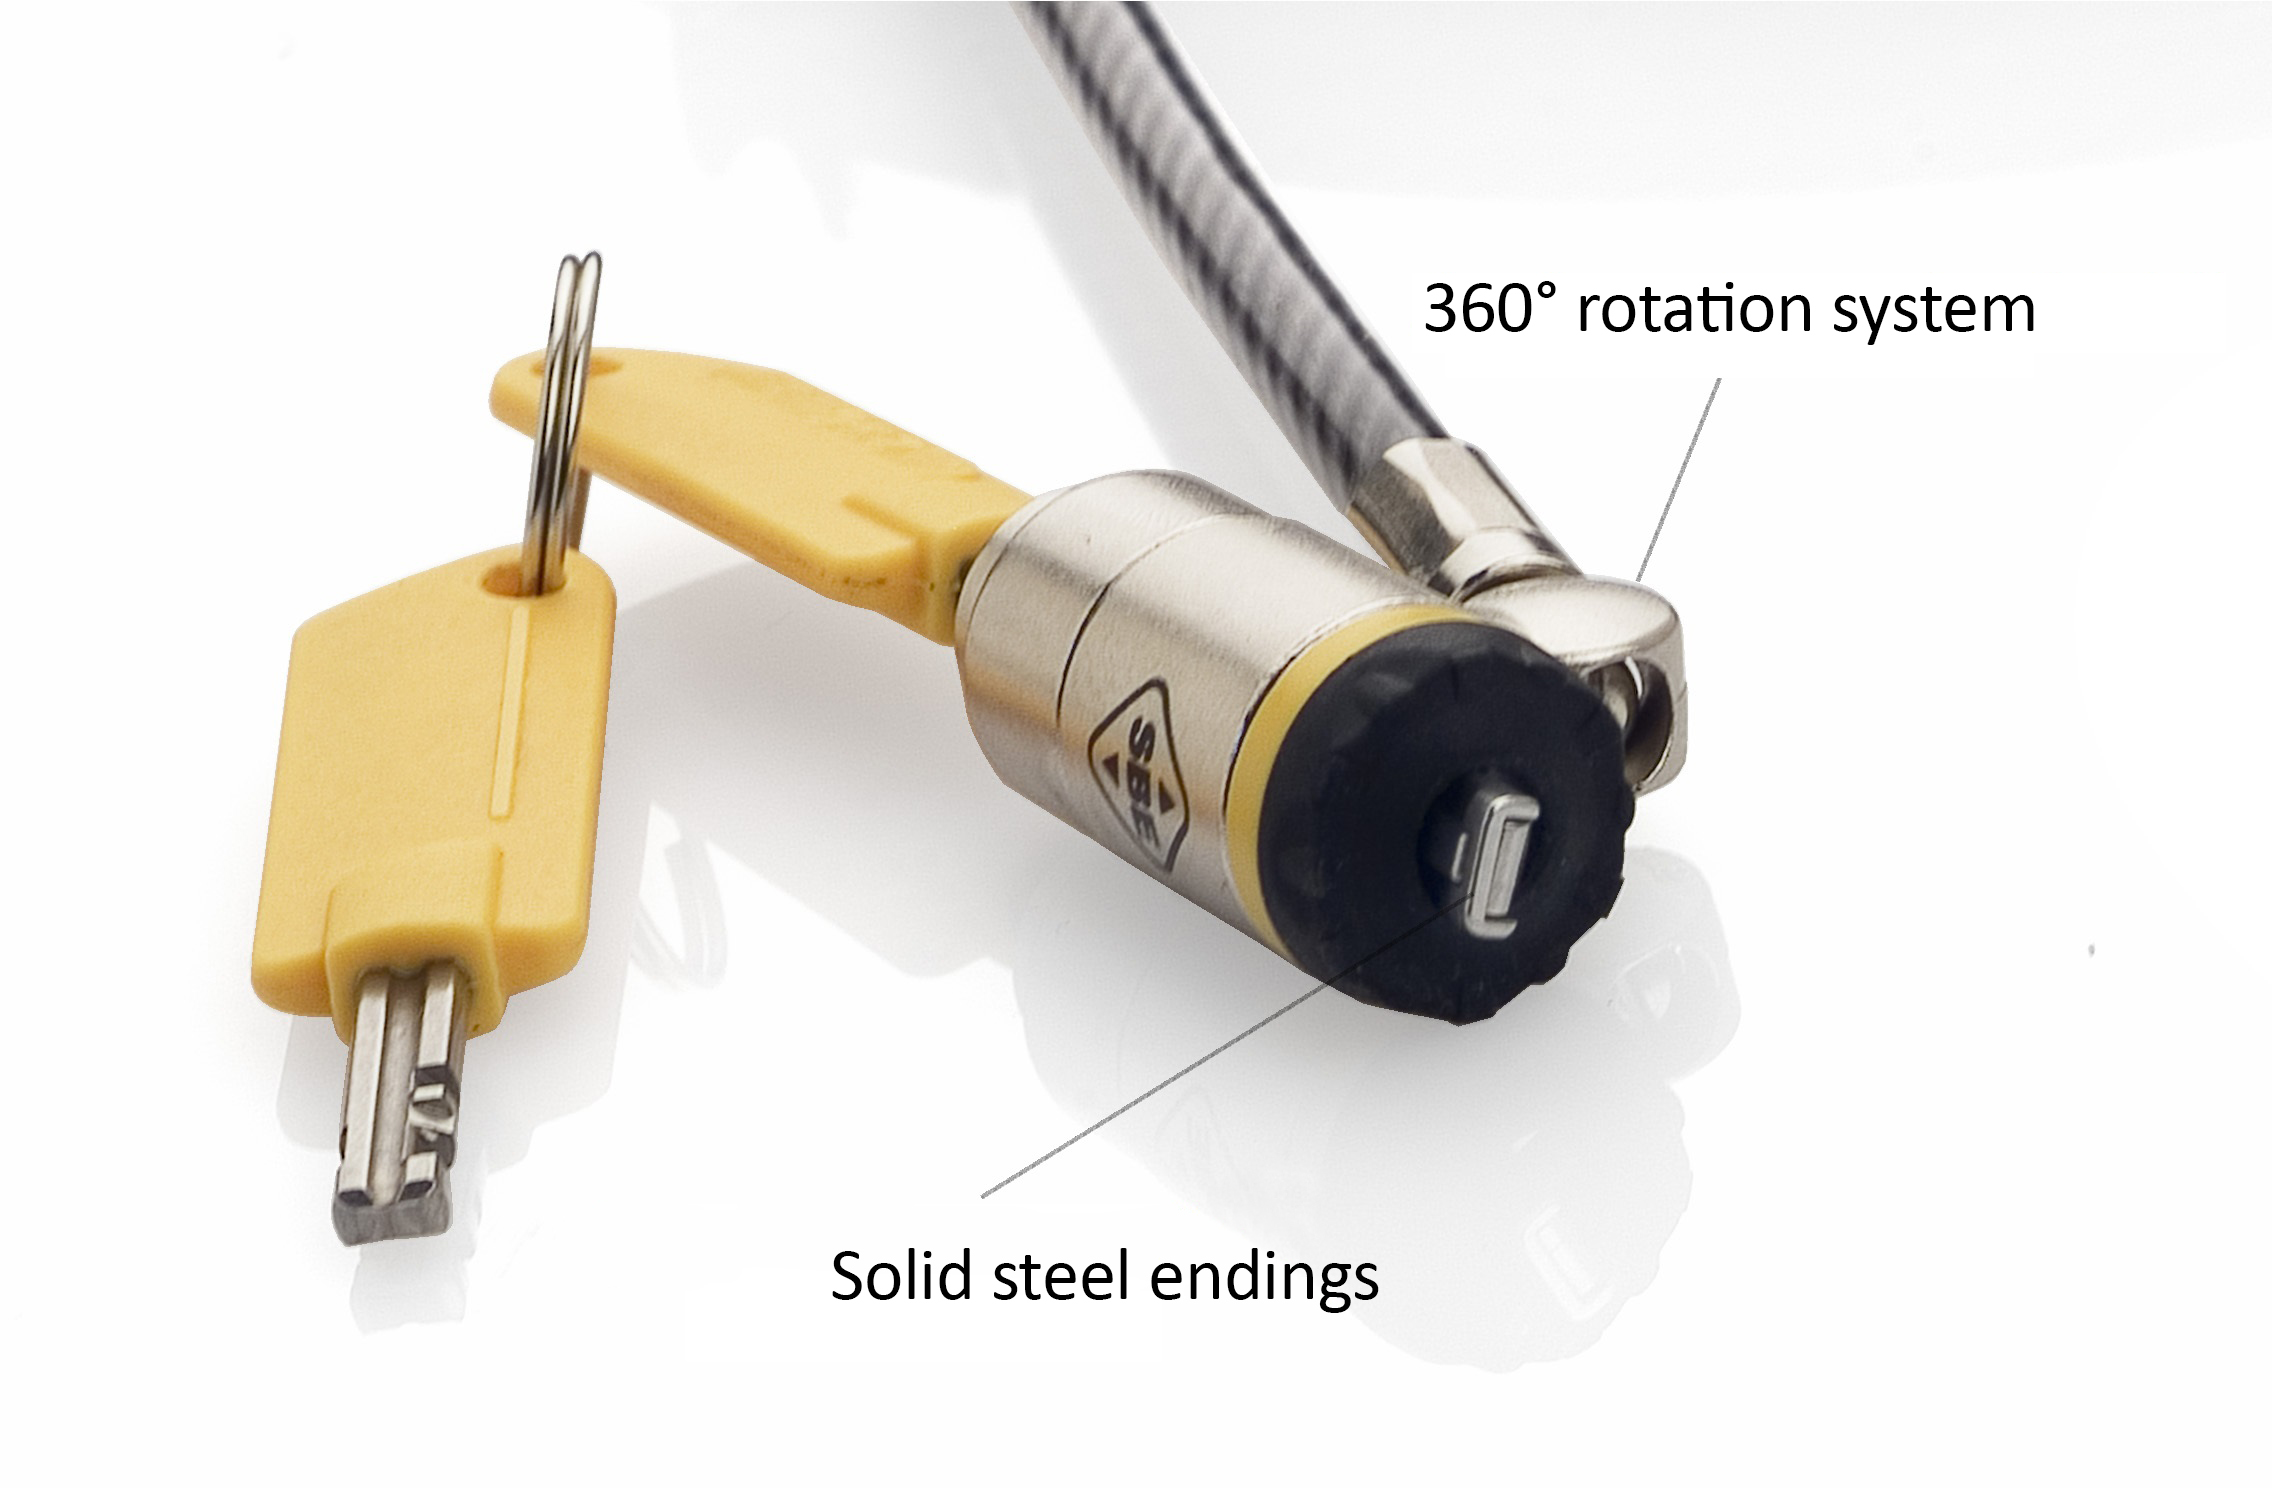 cable-antivol-portable-haute-securite-terminaison-acier photo légendée